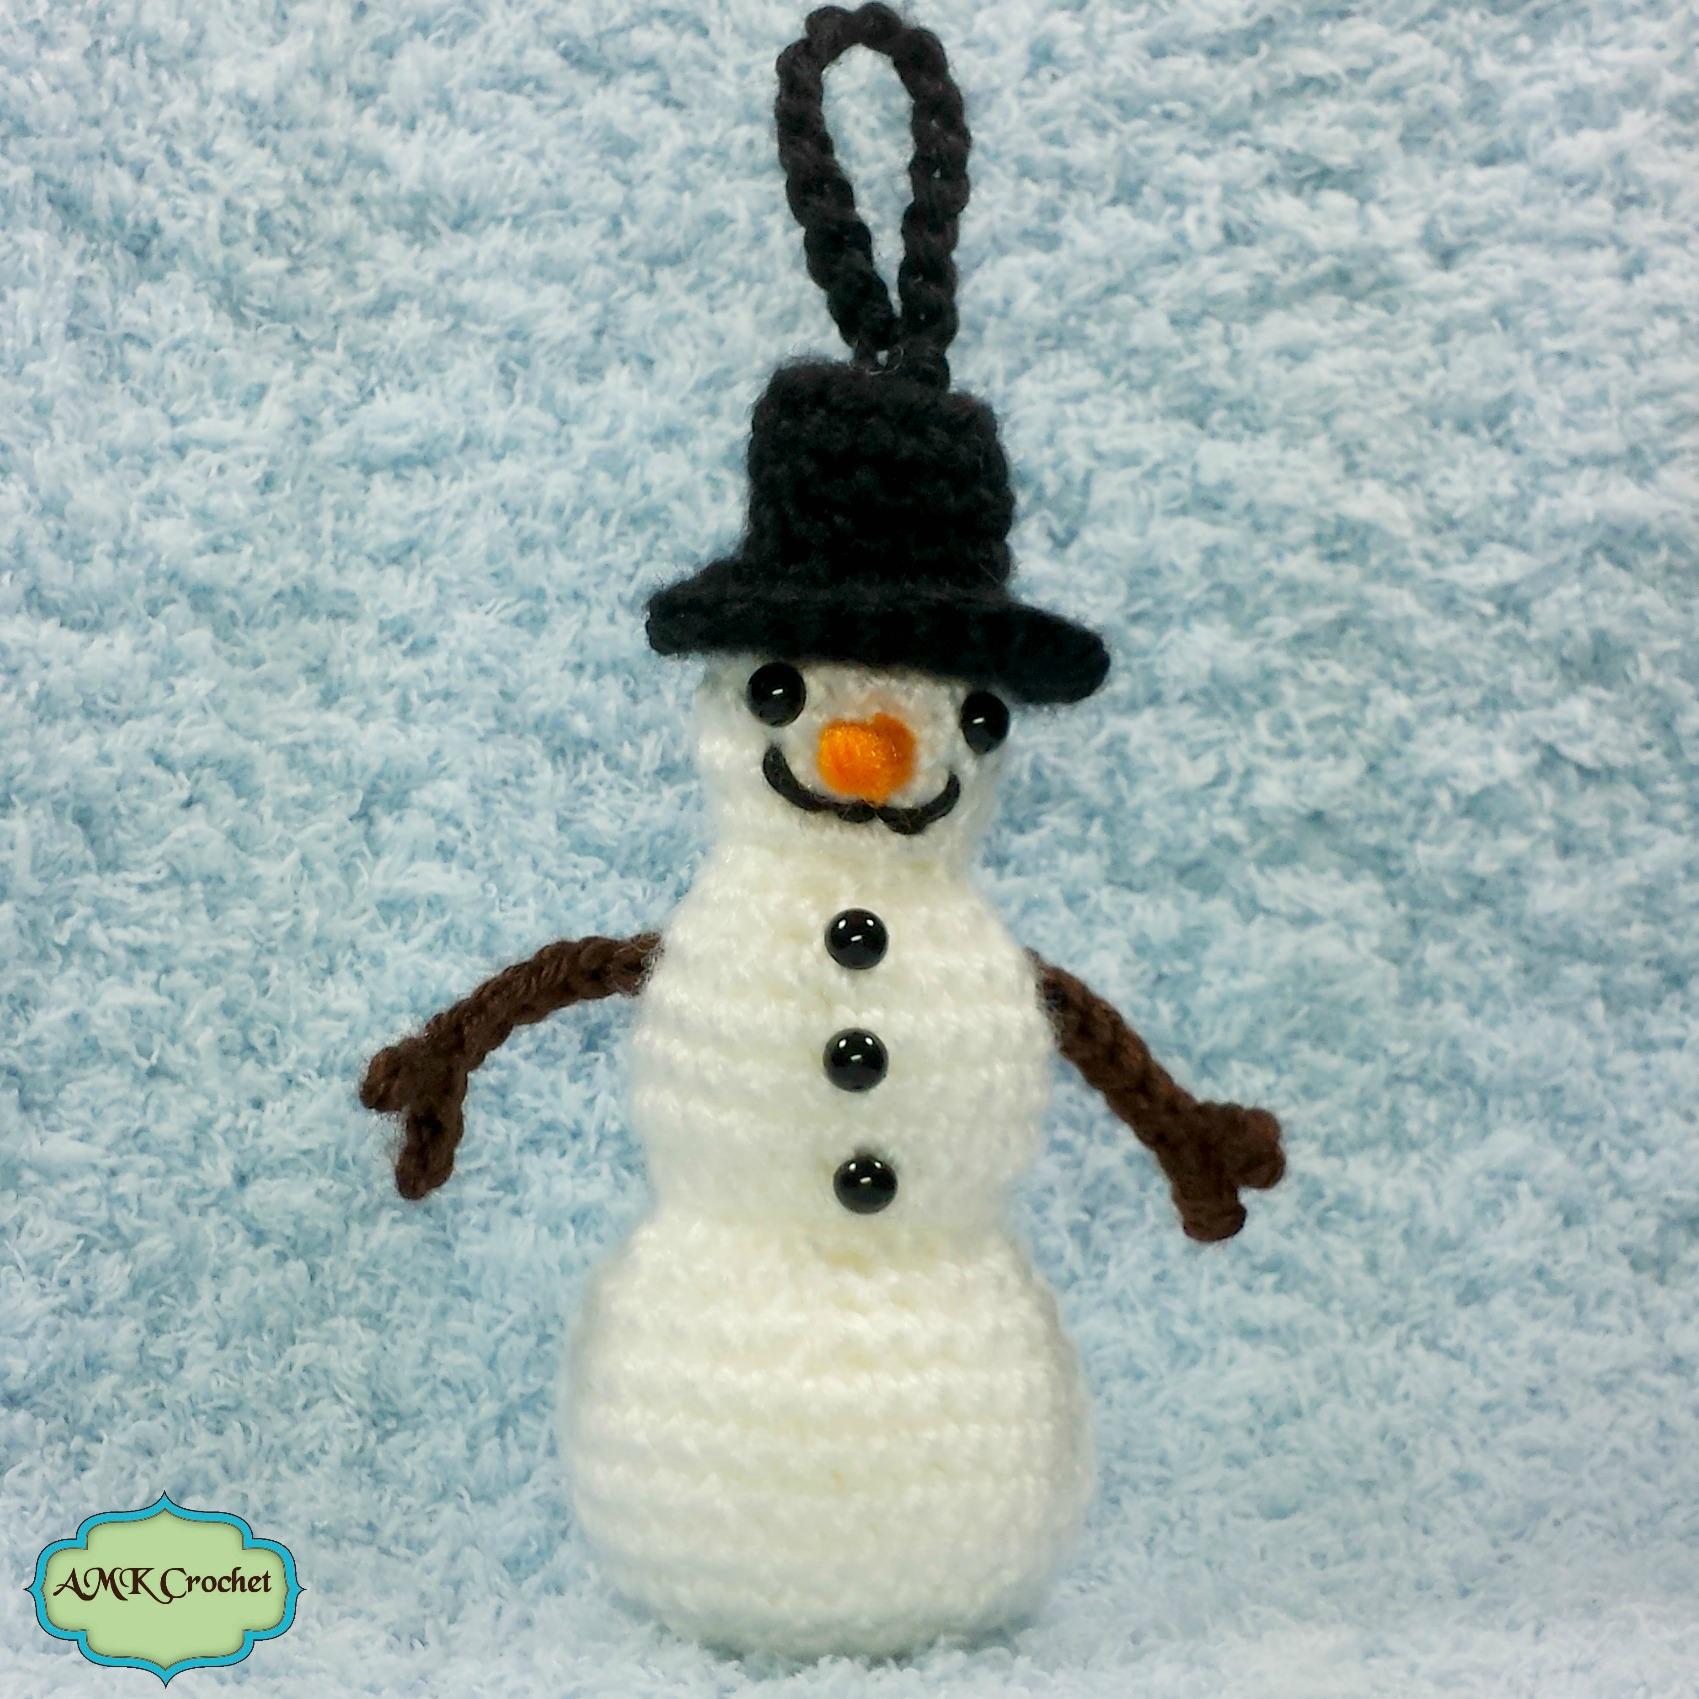 Free Crochet Snowman Ornament Pattern by AMKCrochet.com